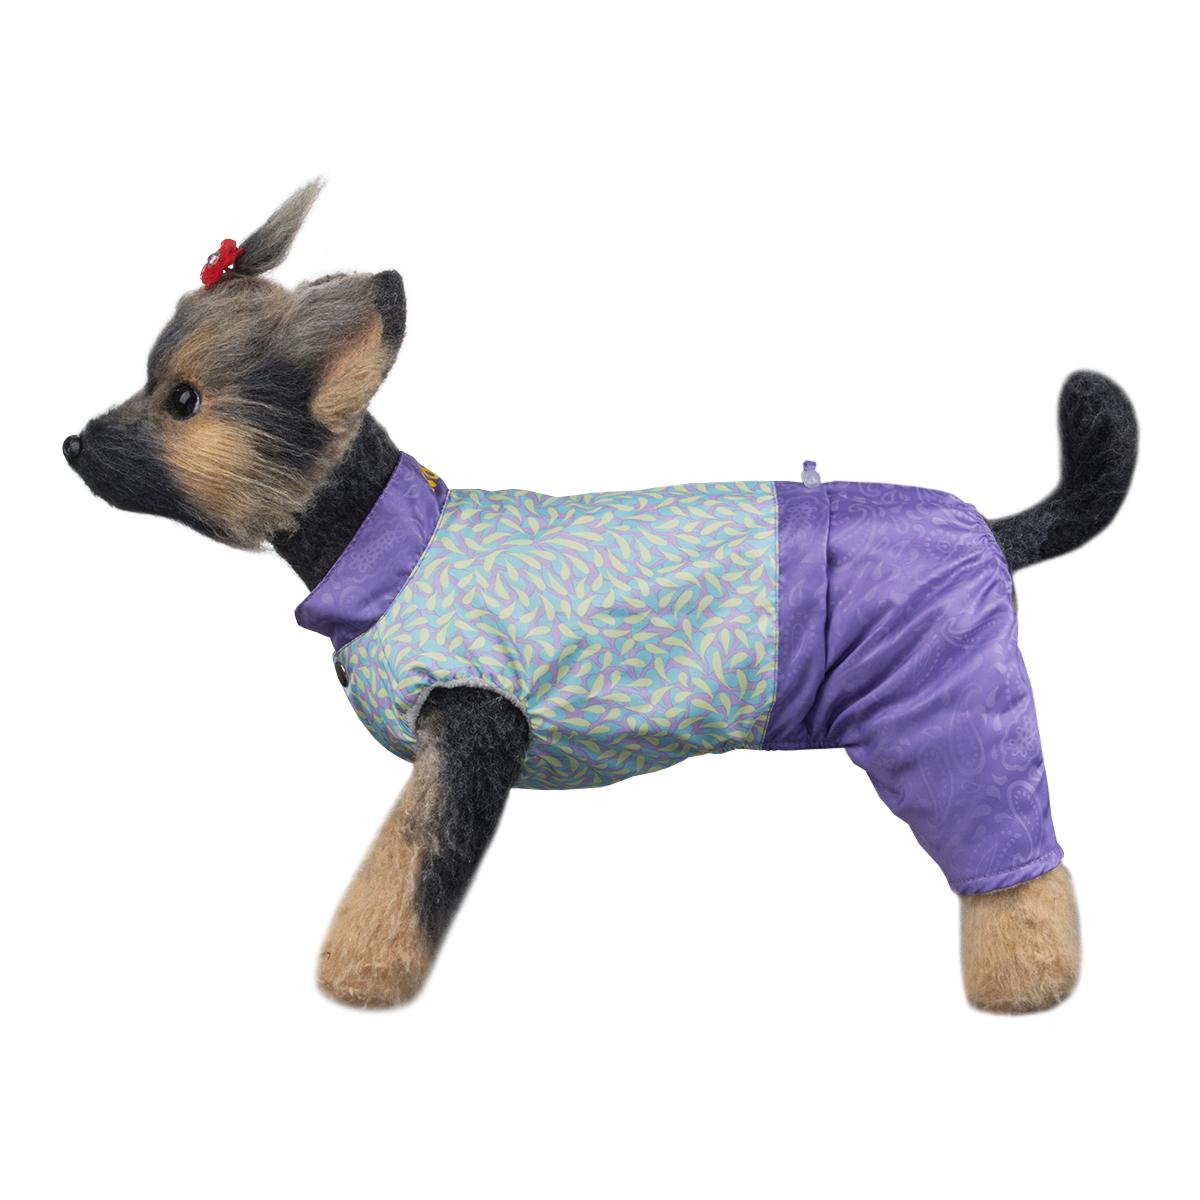 Комбинезон для собак Dogmoda Рига, унисекс, цвет: сиреневый, голубой, желтый. Размер 4 (XL) комбинезон для собак dogmoda грин унисекс цвет зеленый синий белый размер 4 xl